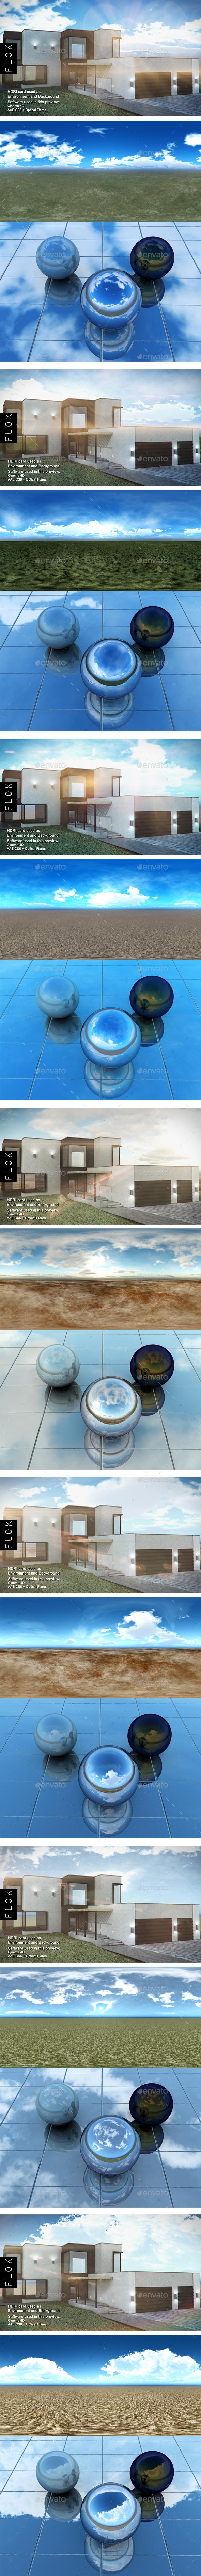 HDRI Pack - Desert vol16 - 3DOcean Item for Sale